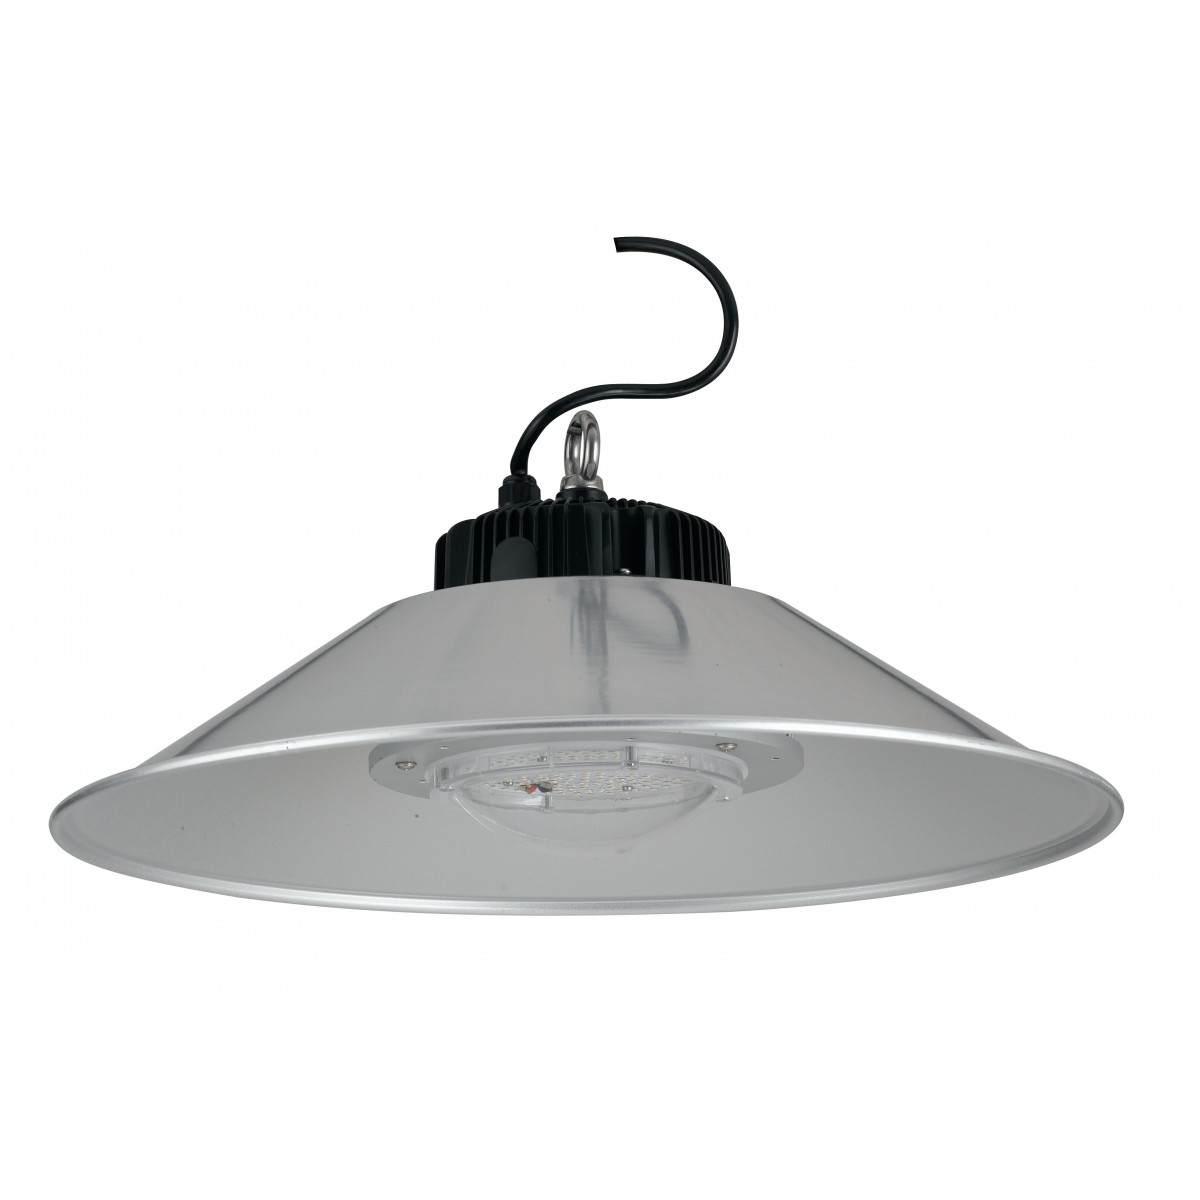 LED-FUTURA-100W - Lampadario a gancio e luce led trasparente